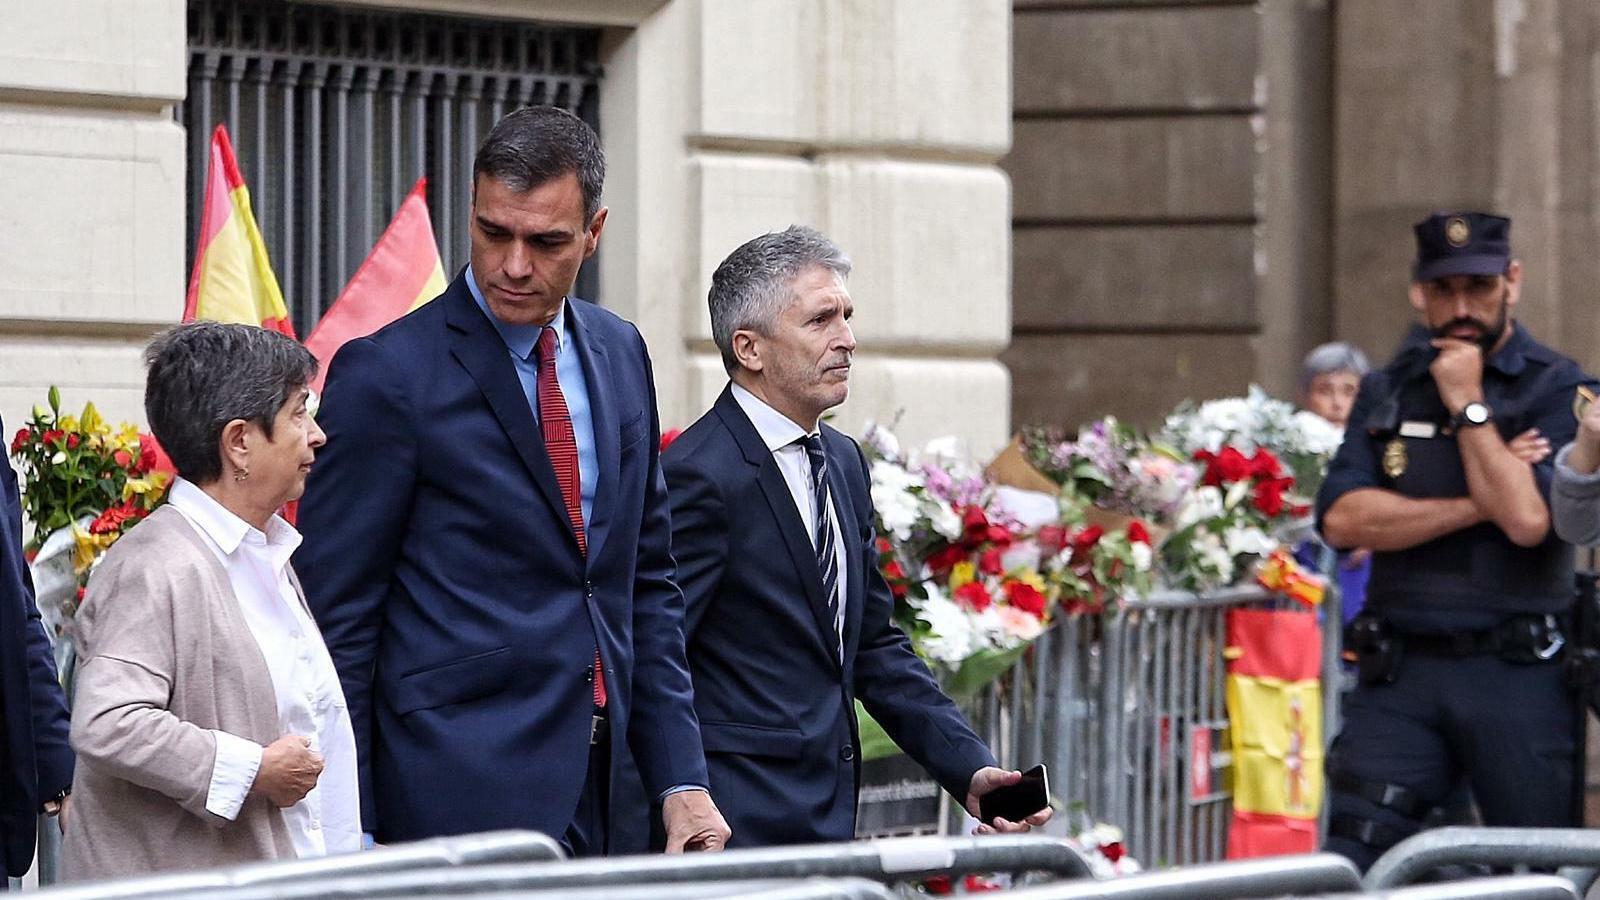 La delegada Teresa Cunillera, el president Pedro Sánchez i el ministre Fernando Grande-Marlaska sortint de la prefectura.